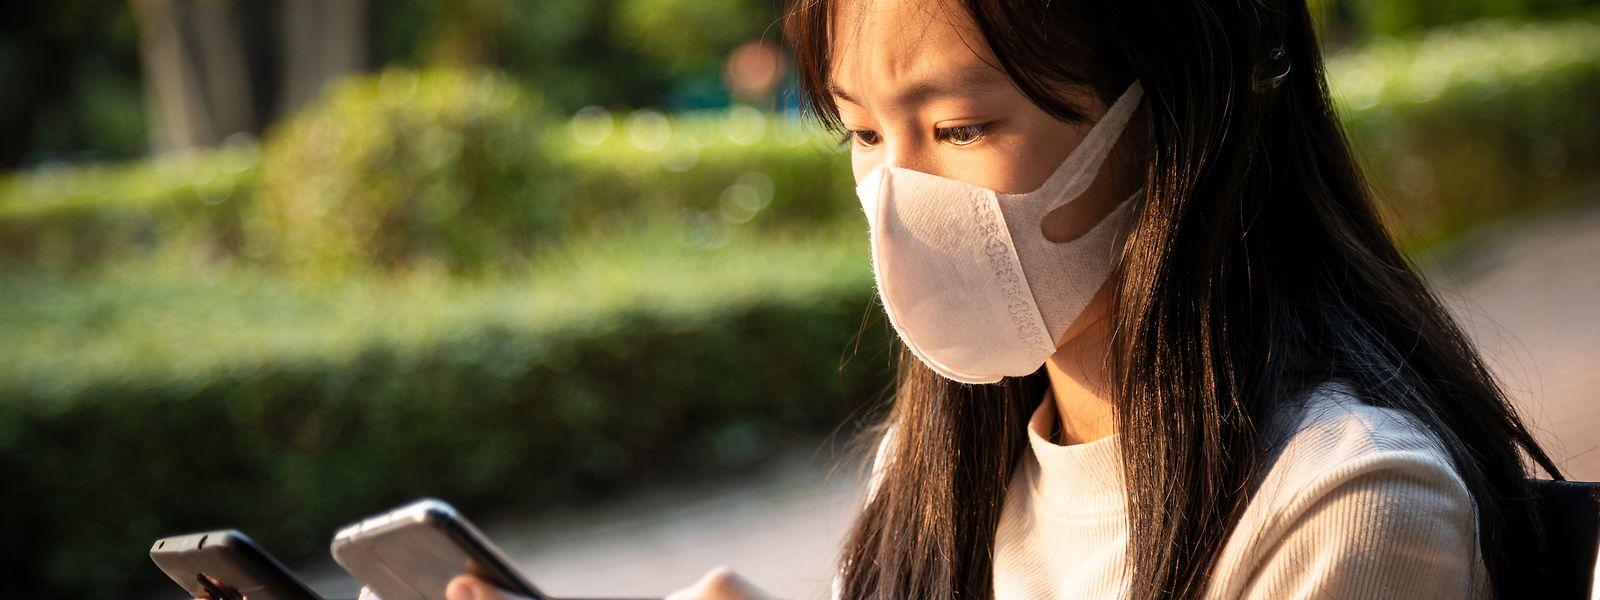 Une application coronavirus pourrait constituer un élément important dans la stratégie actuelle de sortie de crise progressive